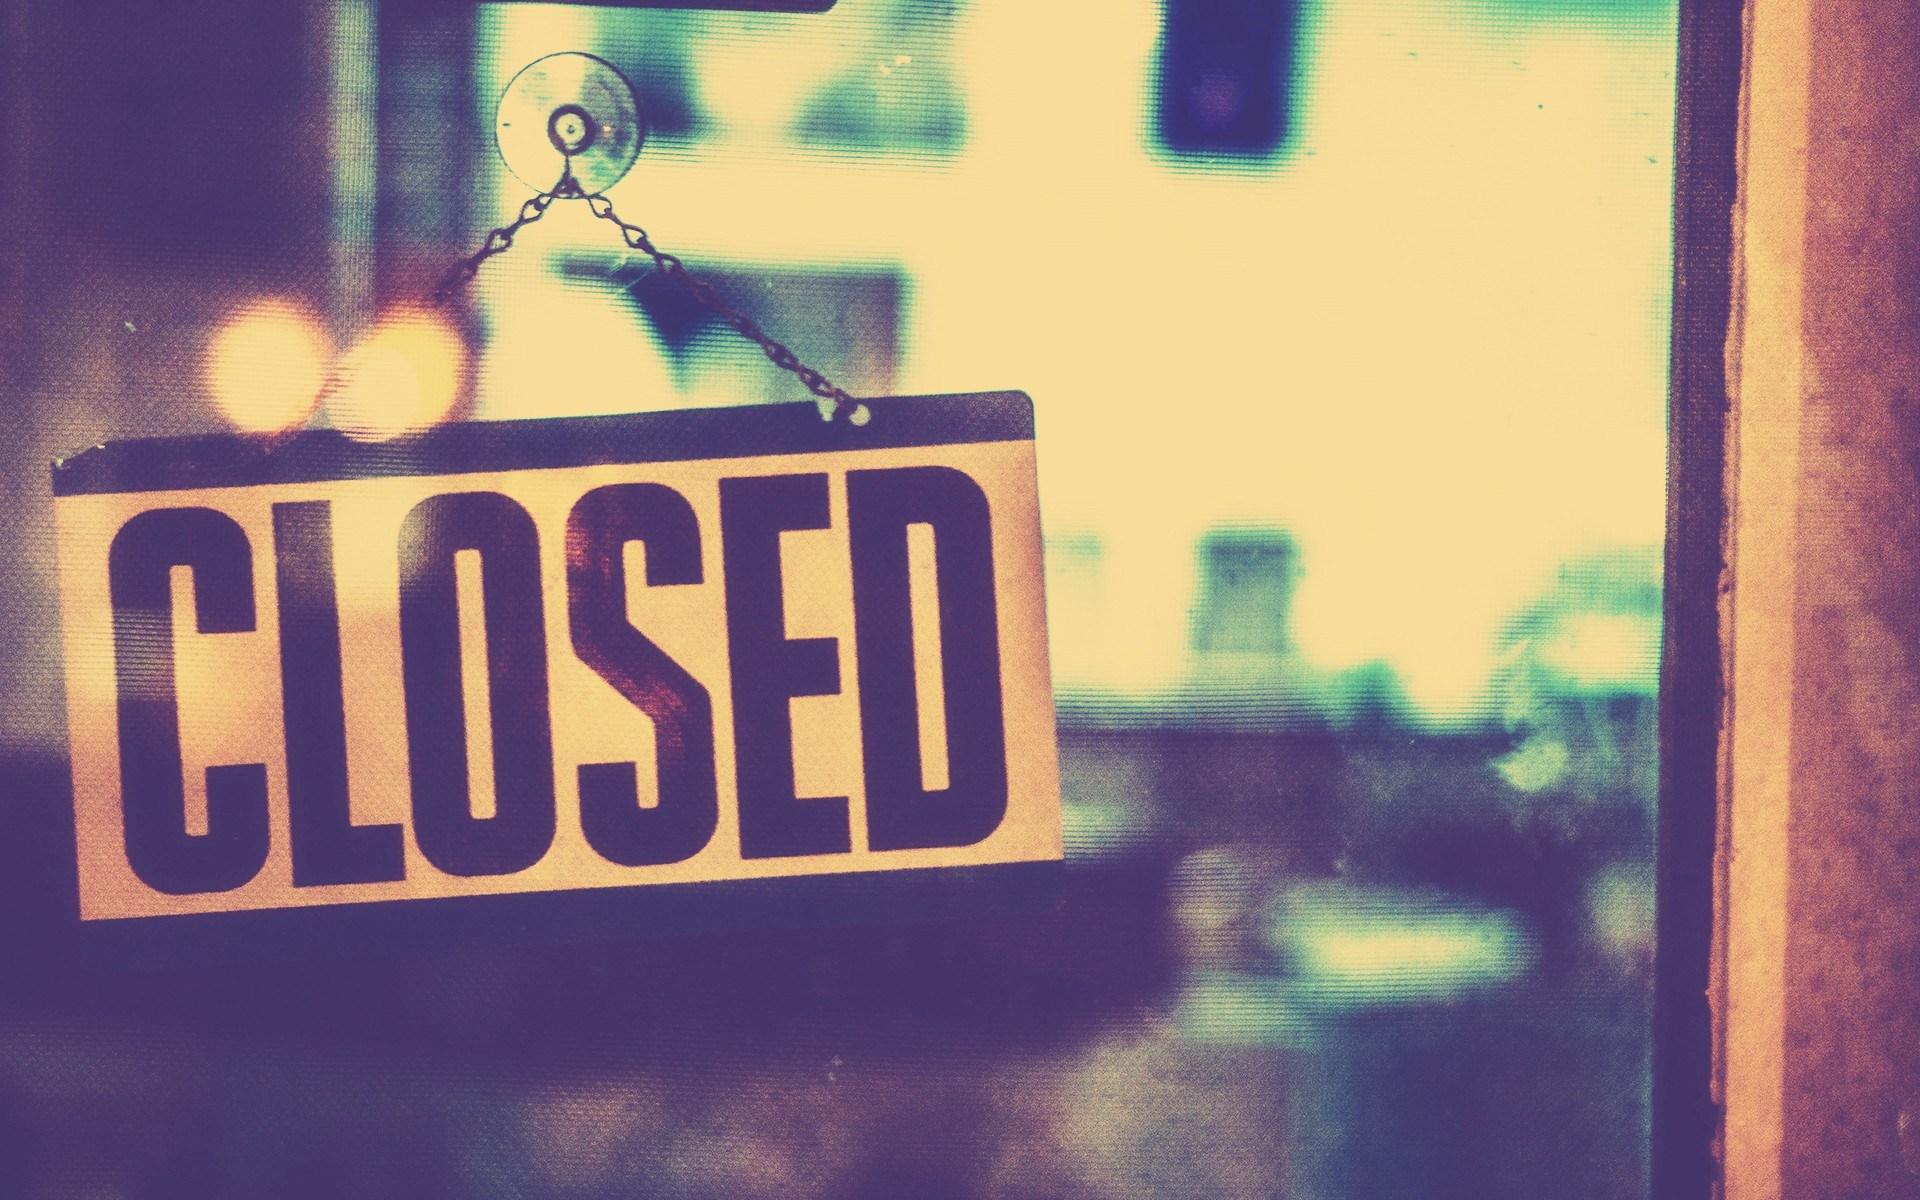 Bibliotheek gesloten van 9 tot en met 11 mei gemeente lede - Tot zijn bibliotheek ...